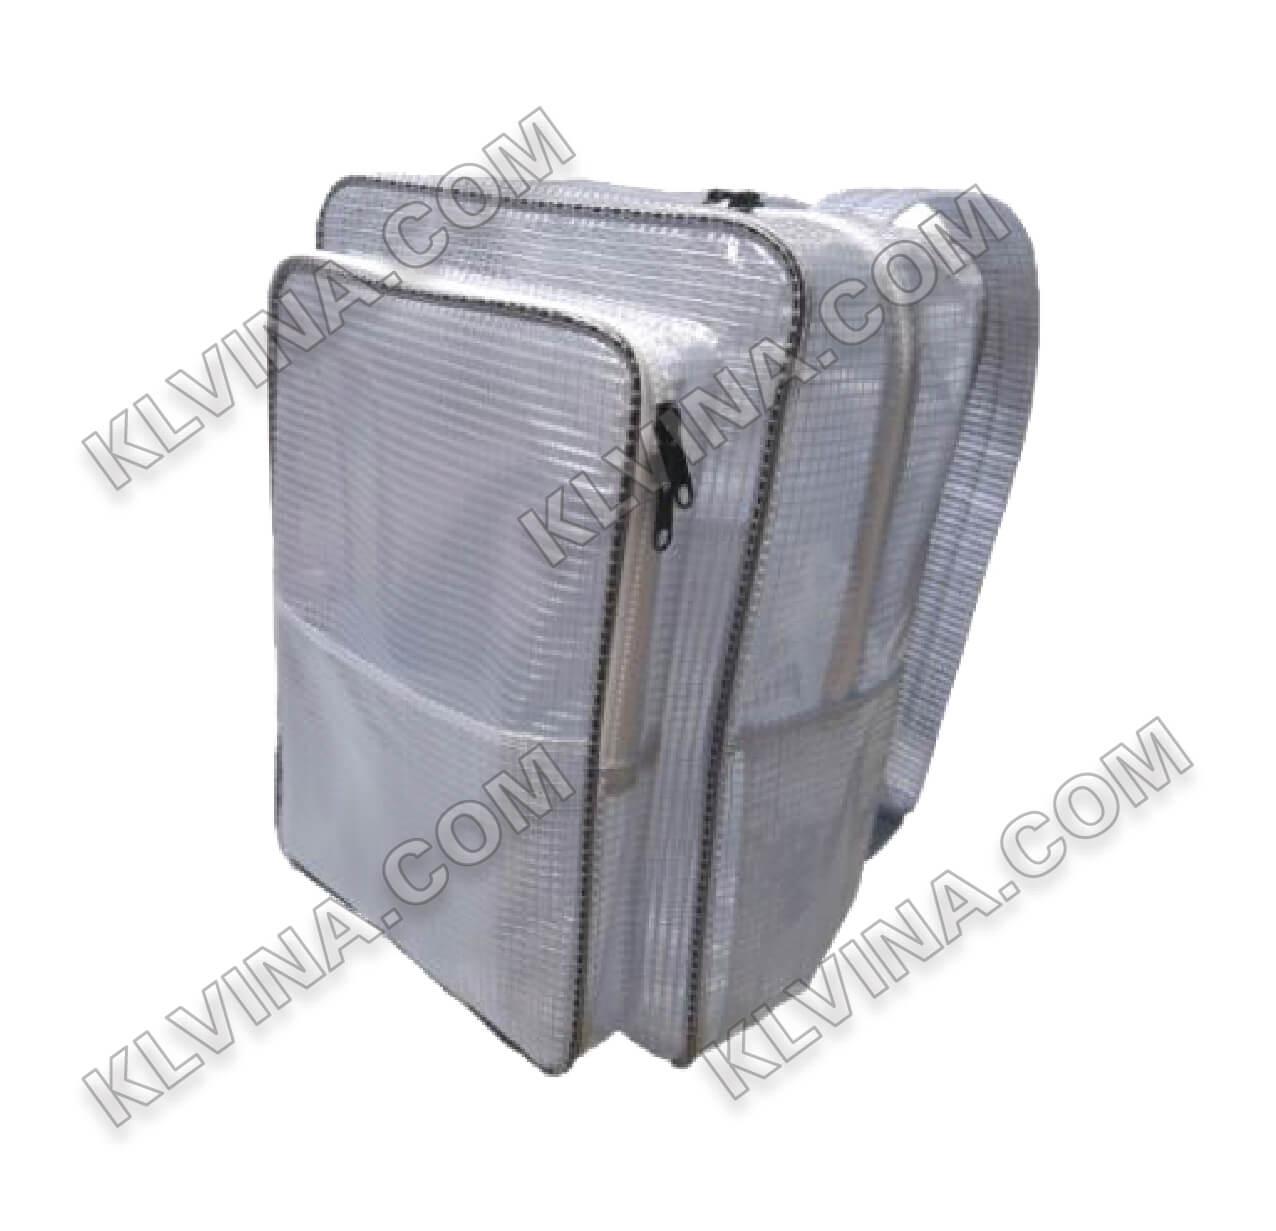 정전기 방지 가방 (크로스 백)